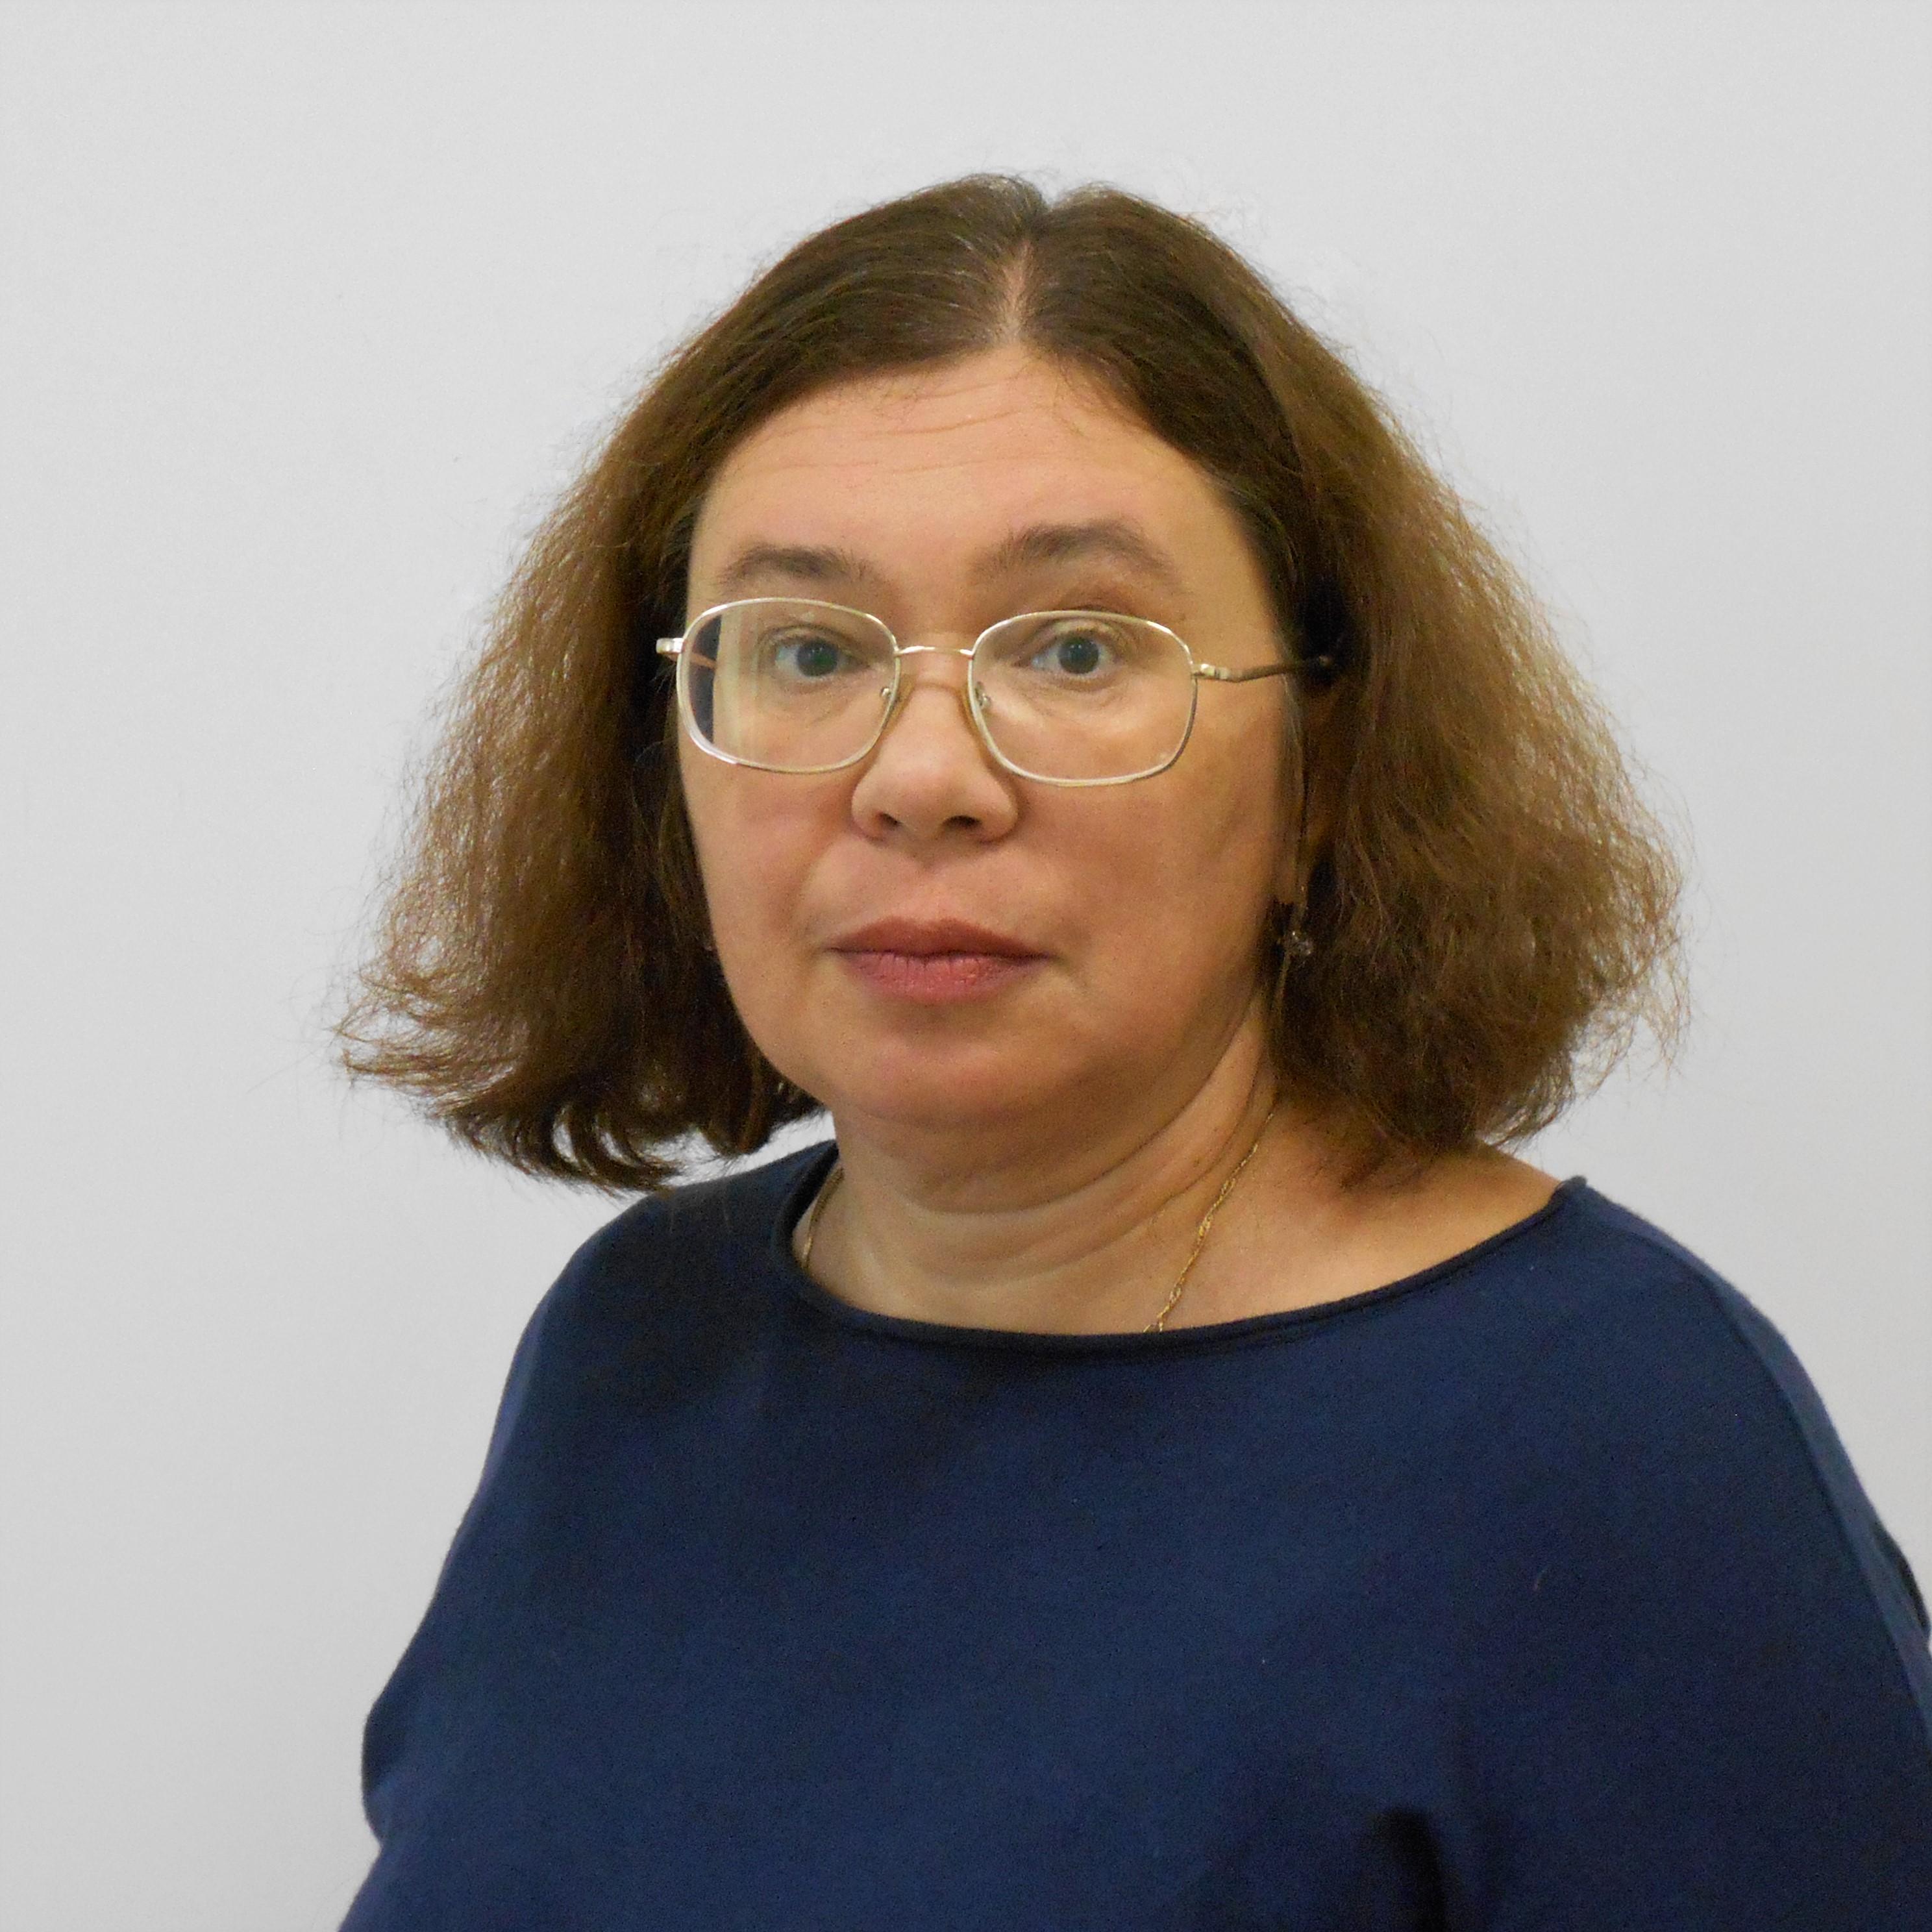 Лаврентьева Анна Игоревна